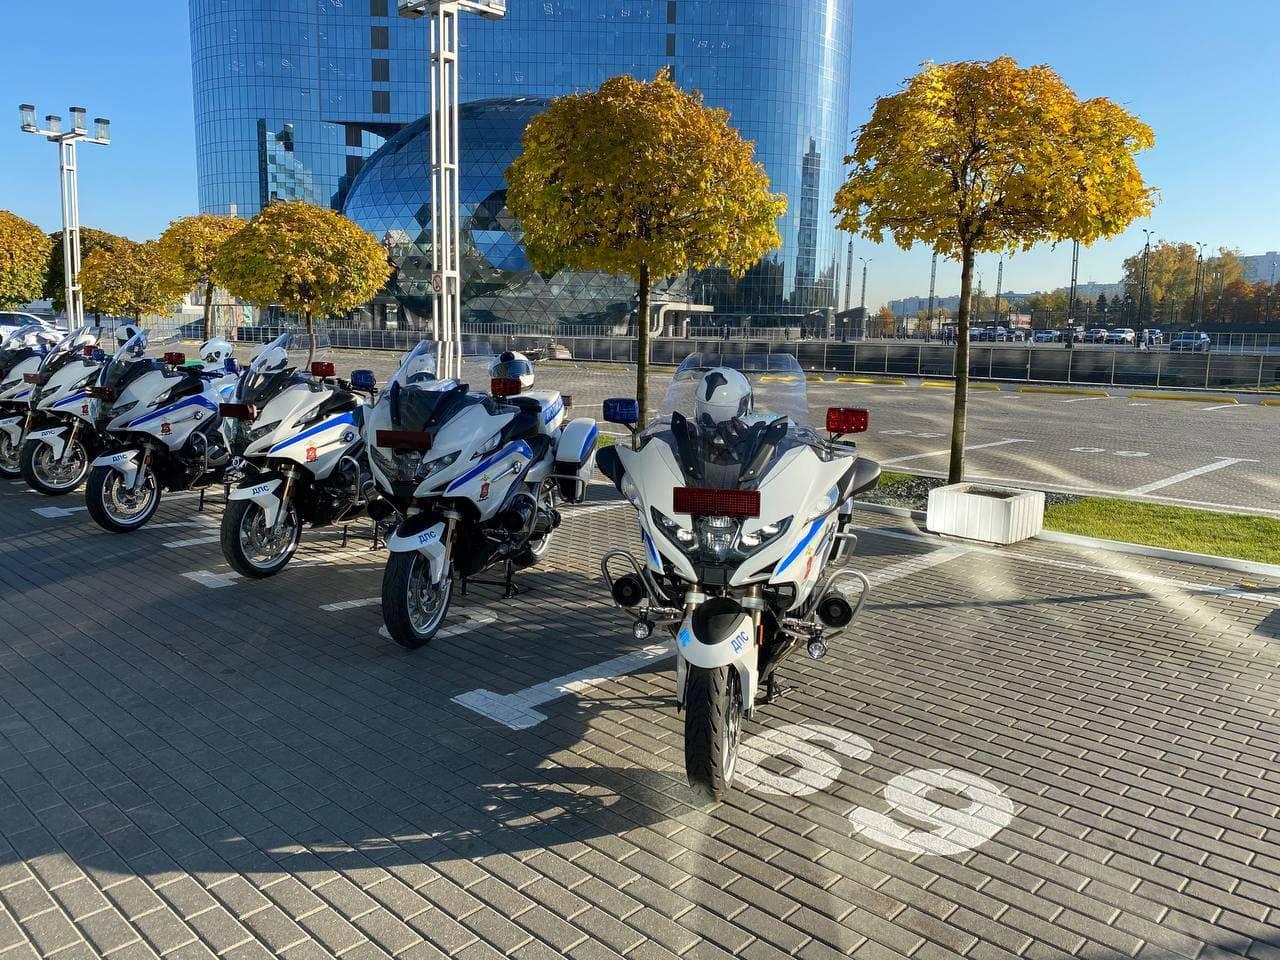 Скорость и маневренность. Подмосковной ГИБДД вручили 19 новых мотоциклов BMW | Изображение 1